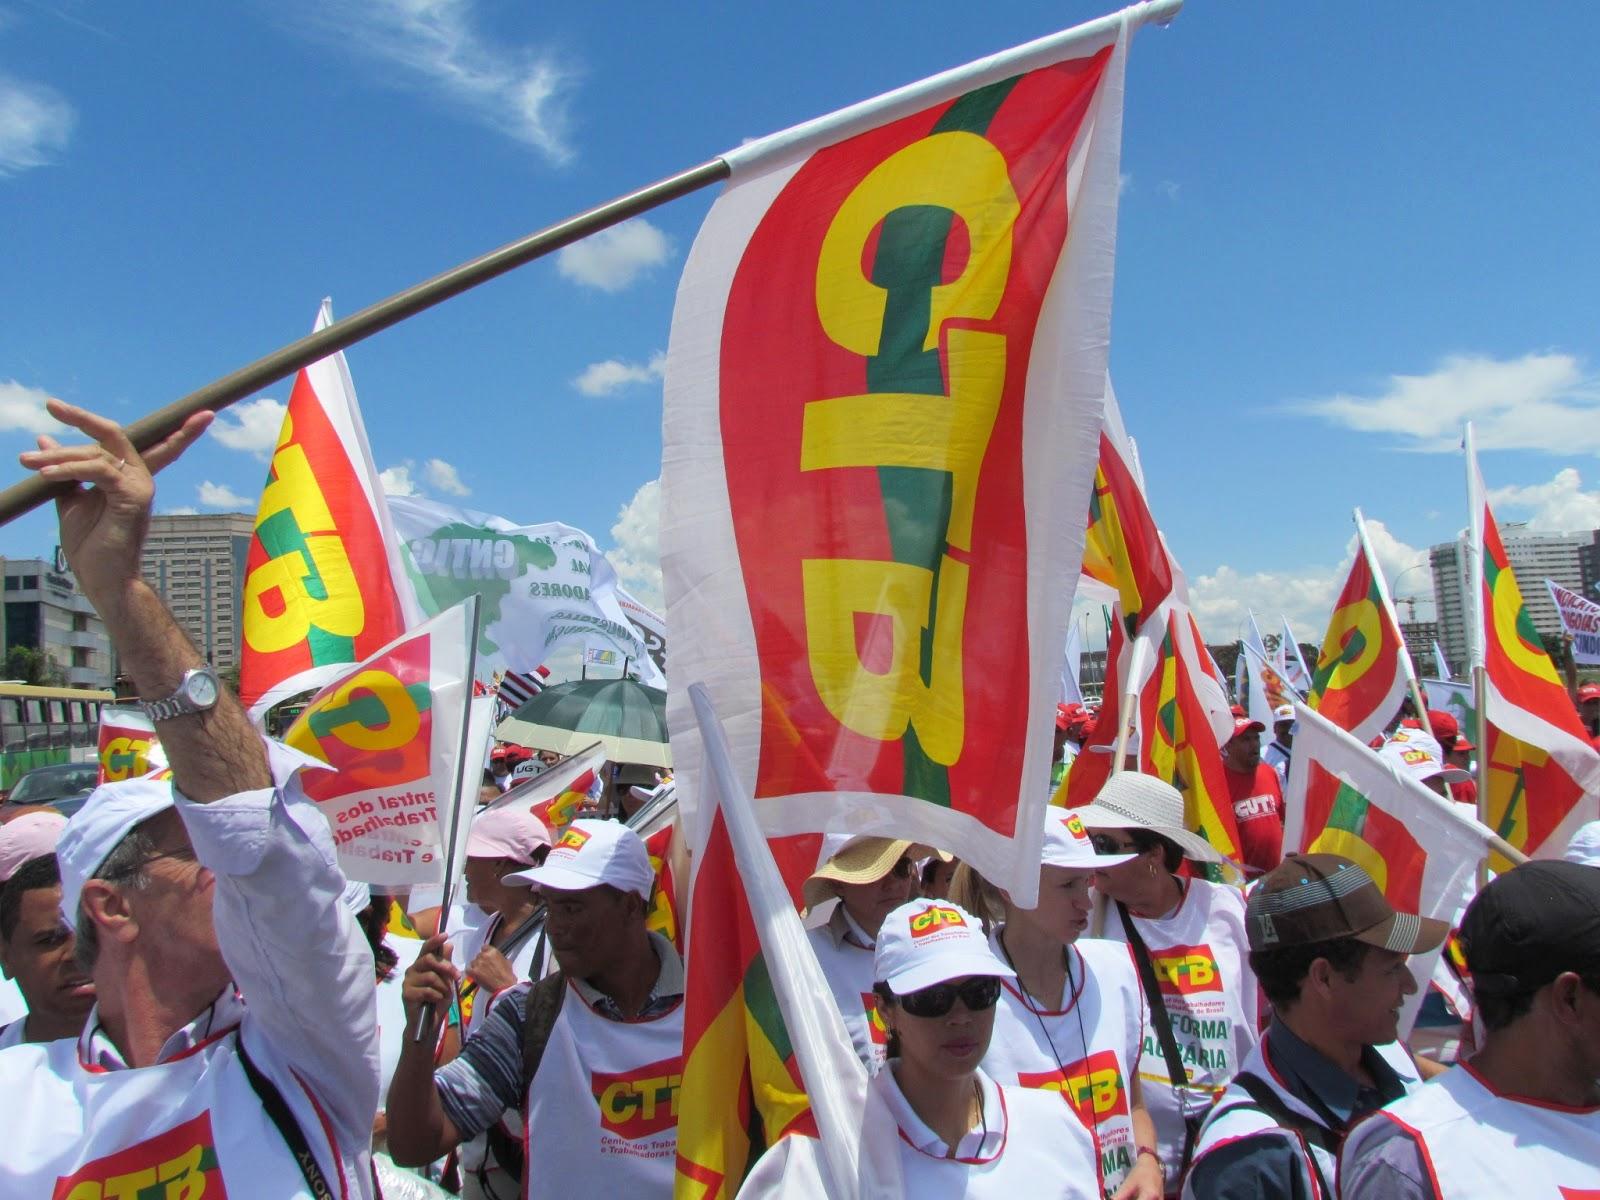 Pela preservação da vida, da nação, da economia e do povo brasileiro: FORA BOLSONARO